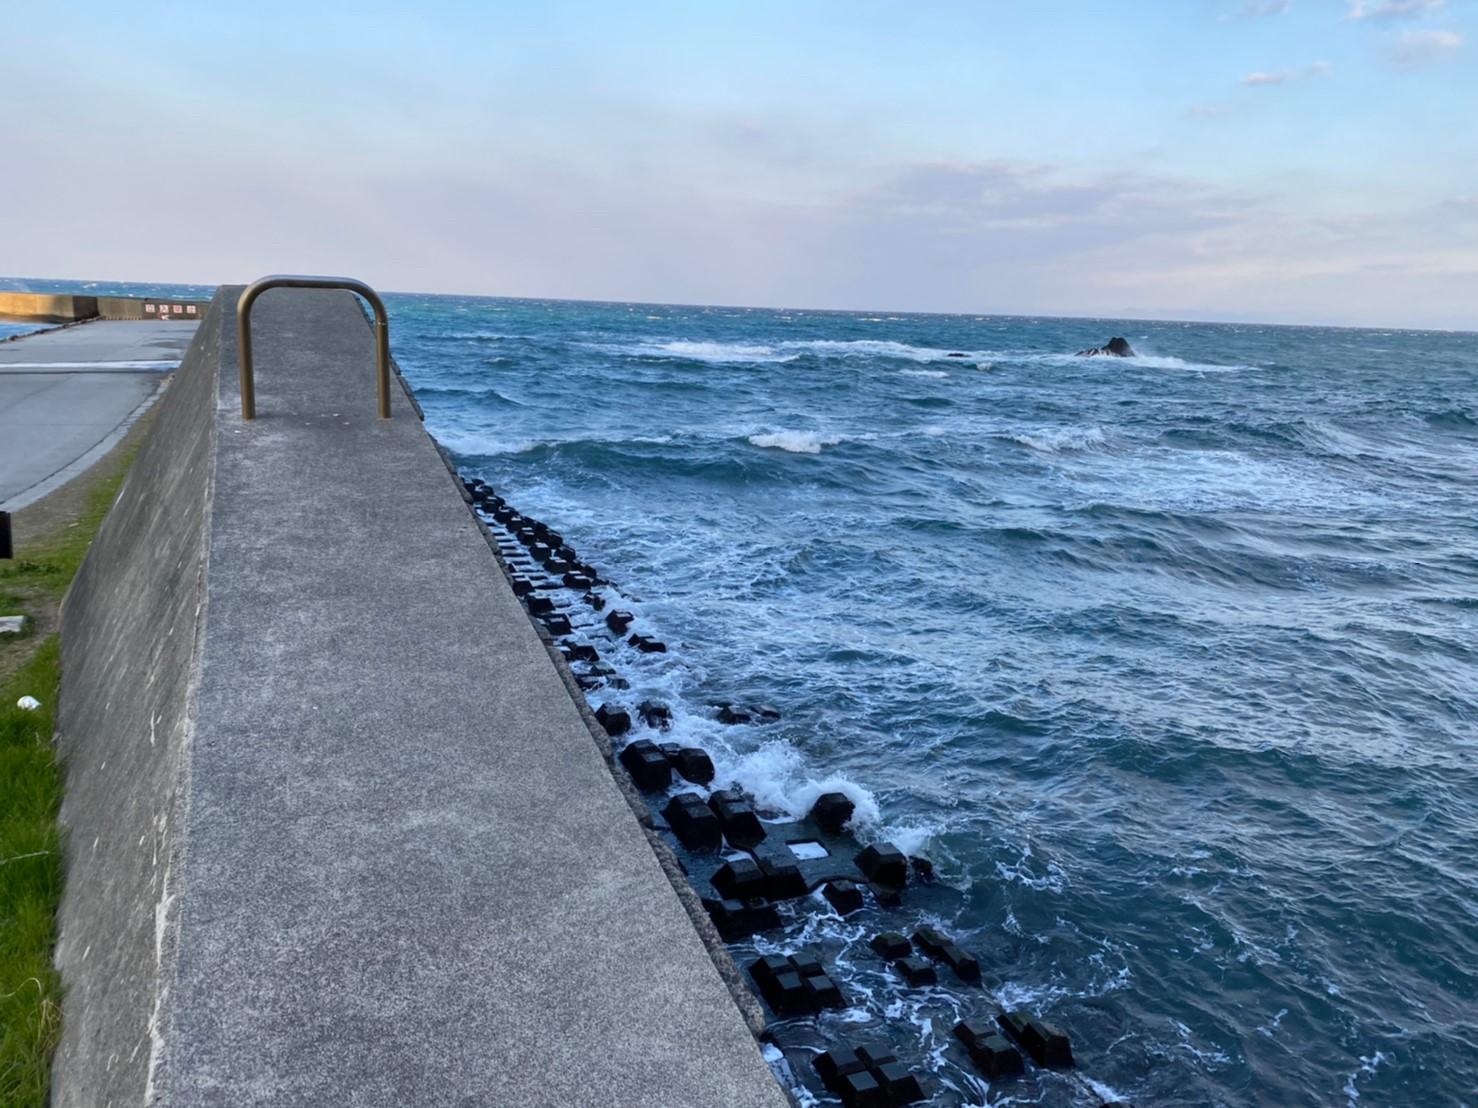 【西伊豆|松崎町】『松崎新堤|まつざきしんてい』の釣り場ガイド(釣れる魚・駐車場)